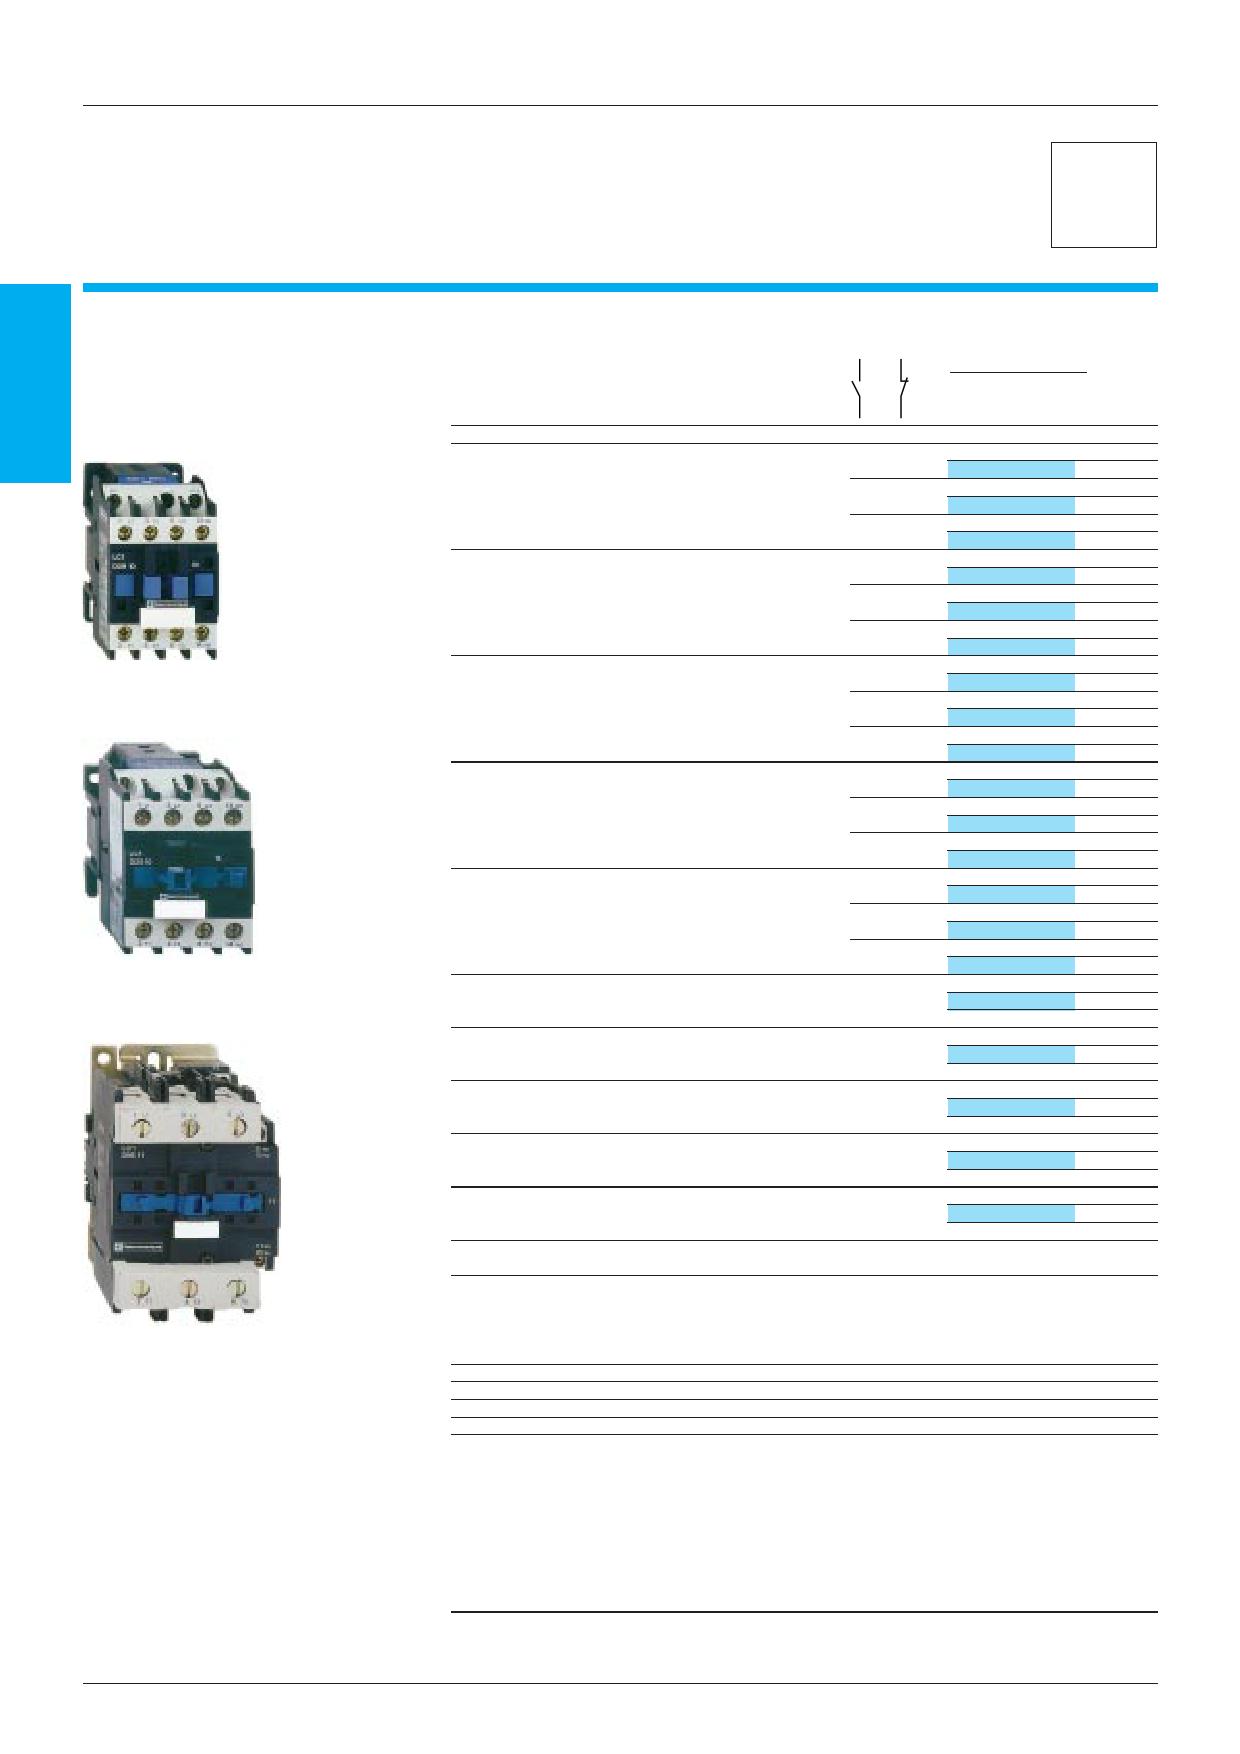 LC1-D12008xx datasheet